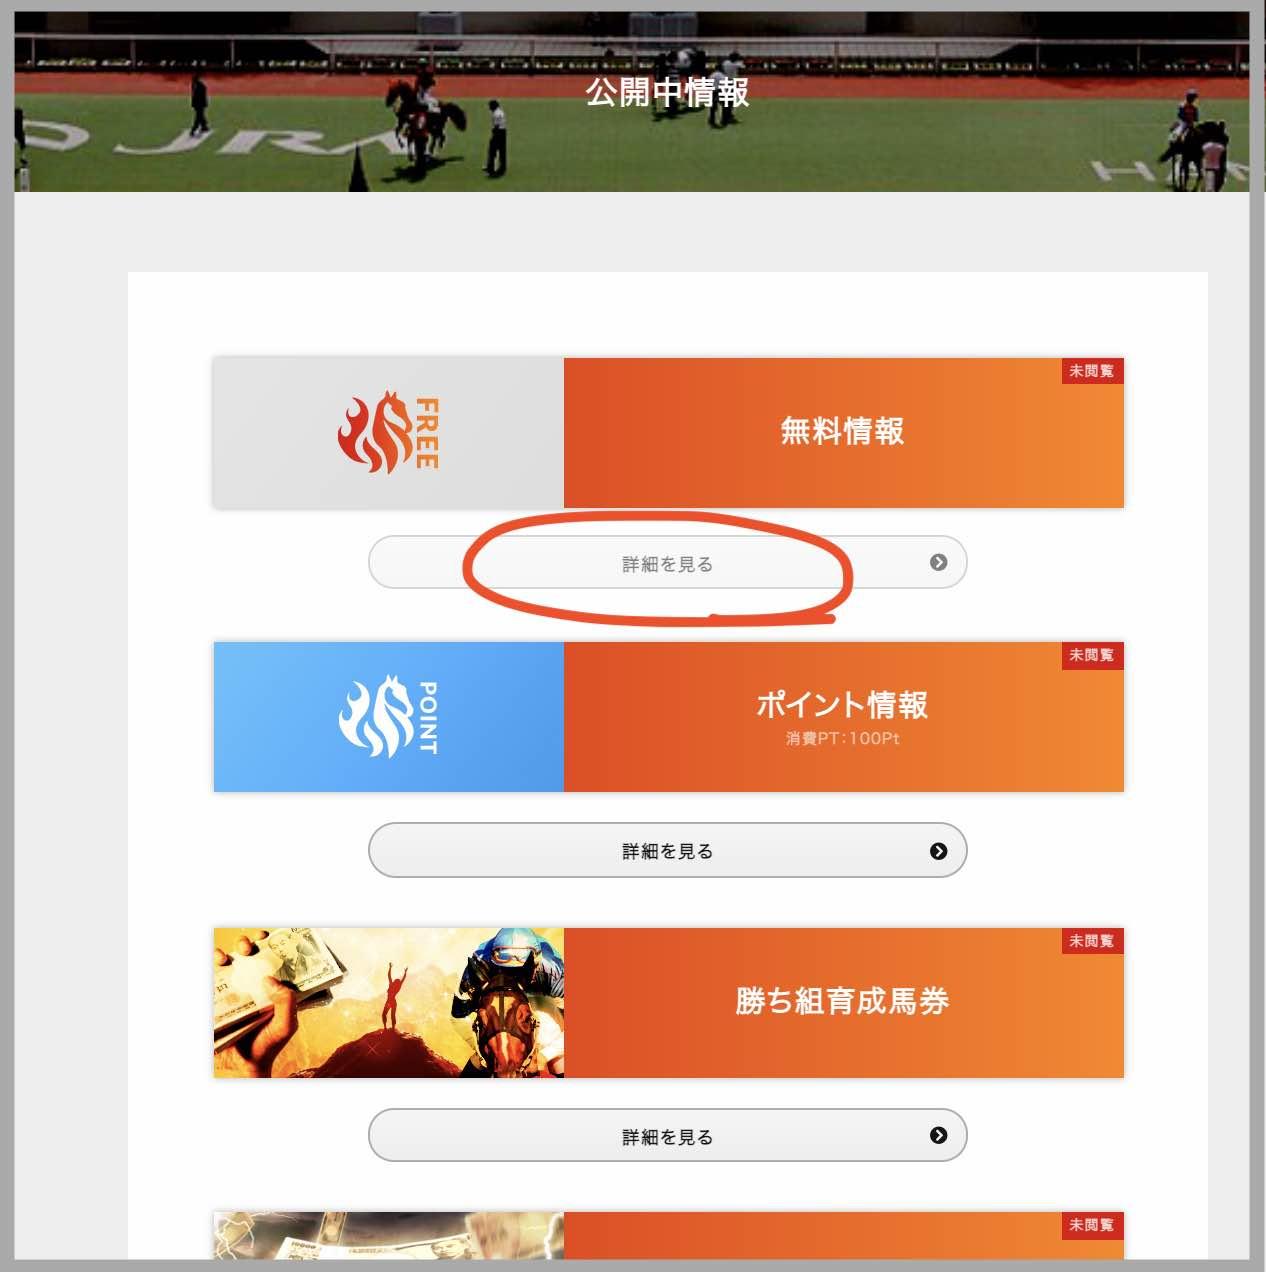 カチウマという競馬予想サイトの無料予想(無料情報)を確認する